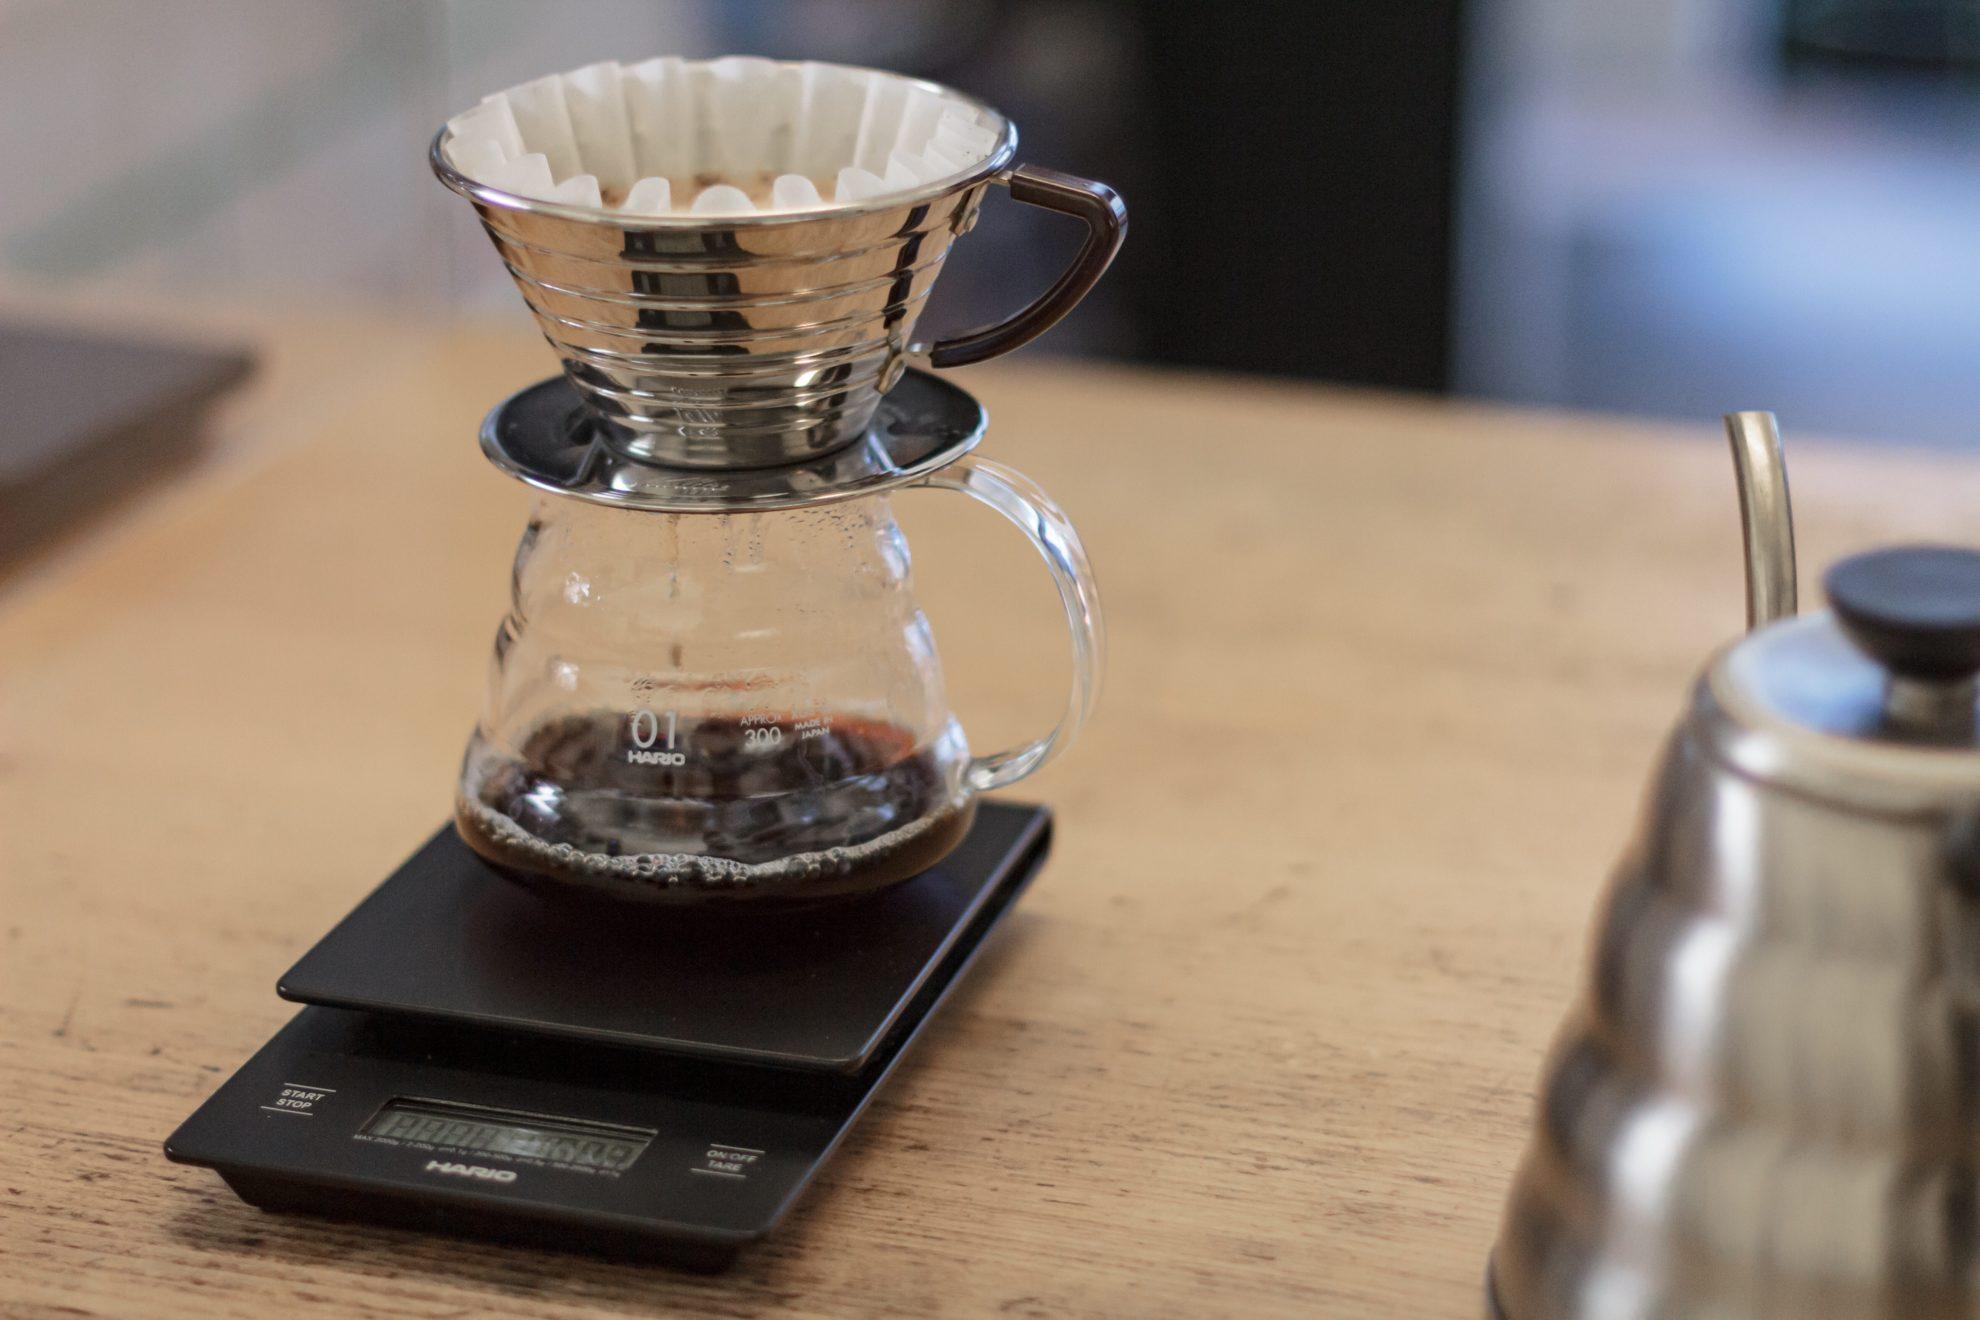 Eine Glaskanne mit Metall-Filter steht auf einer schwarzen Waage, der Kaffee tropft durch den Filter in die Kanne